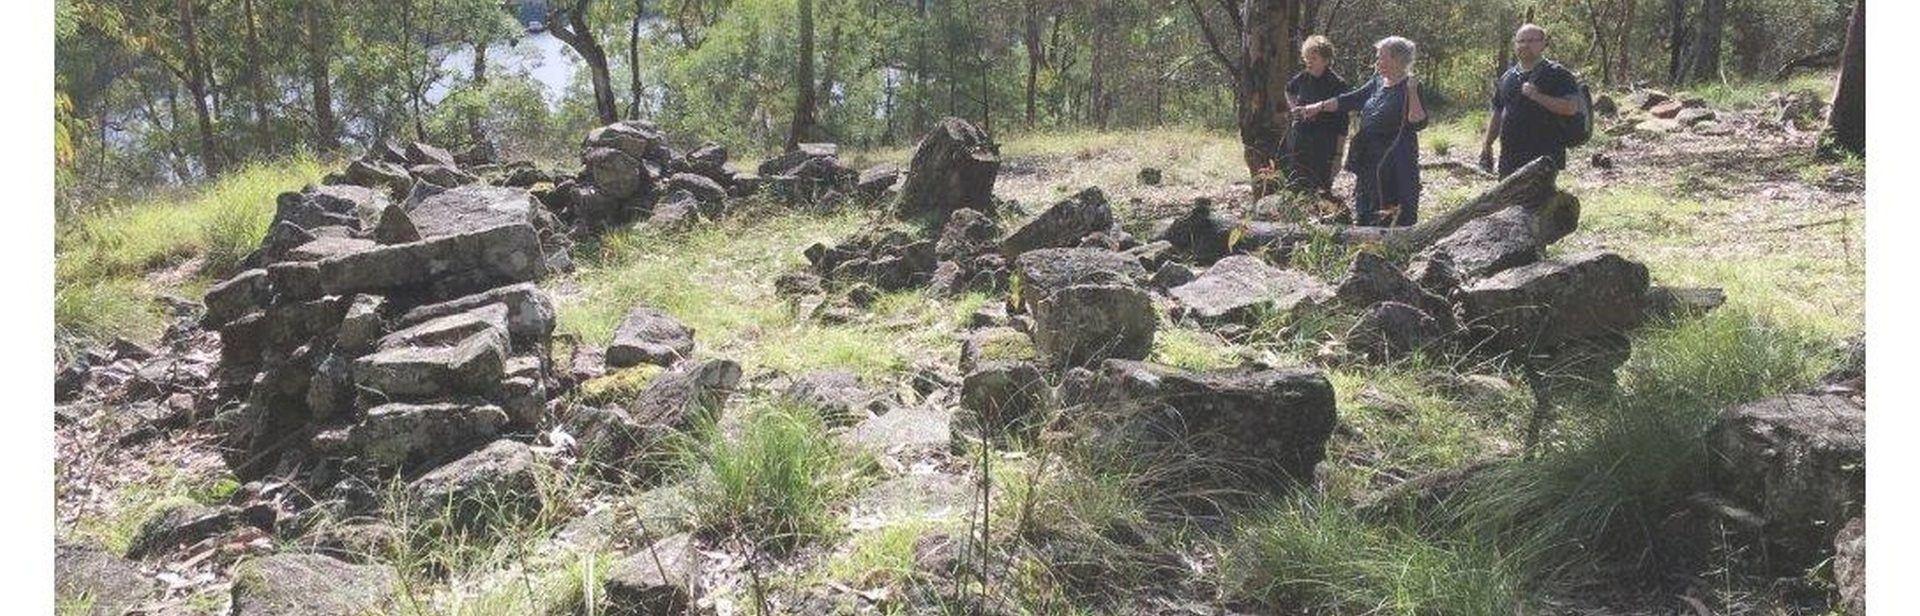 Convict Stockade Ruins